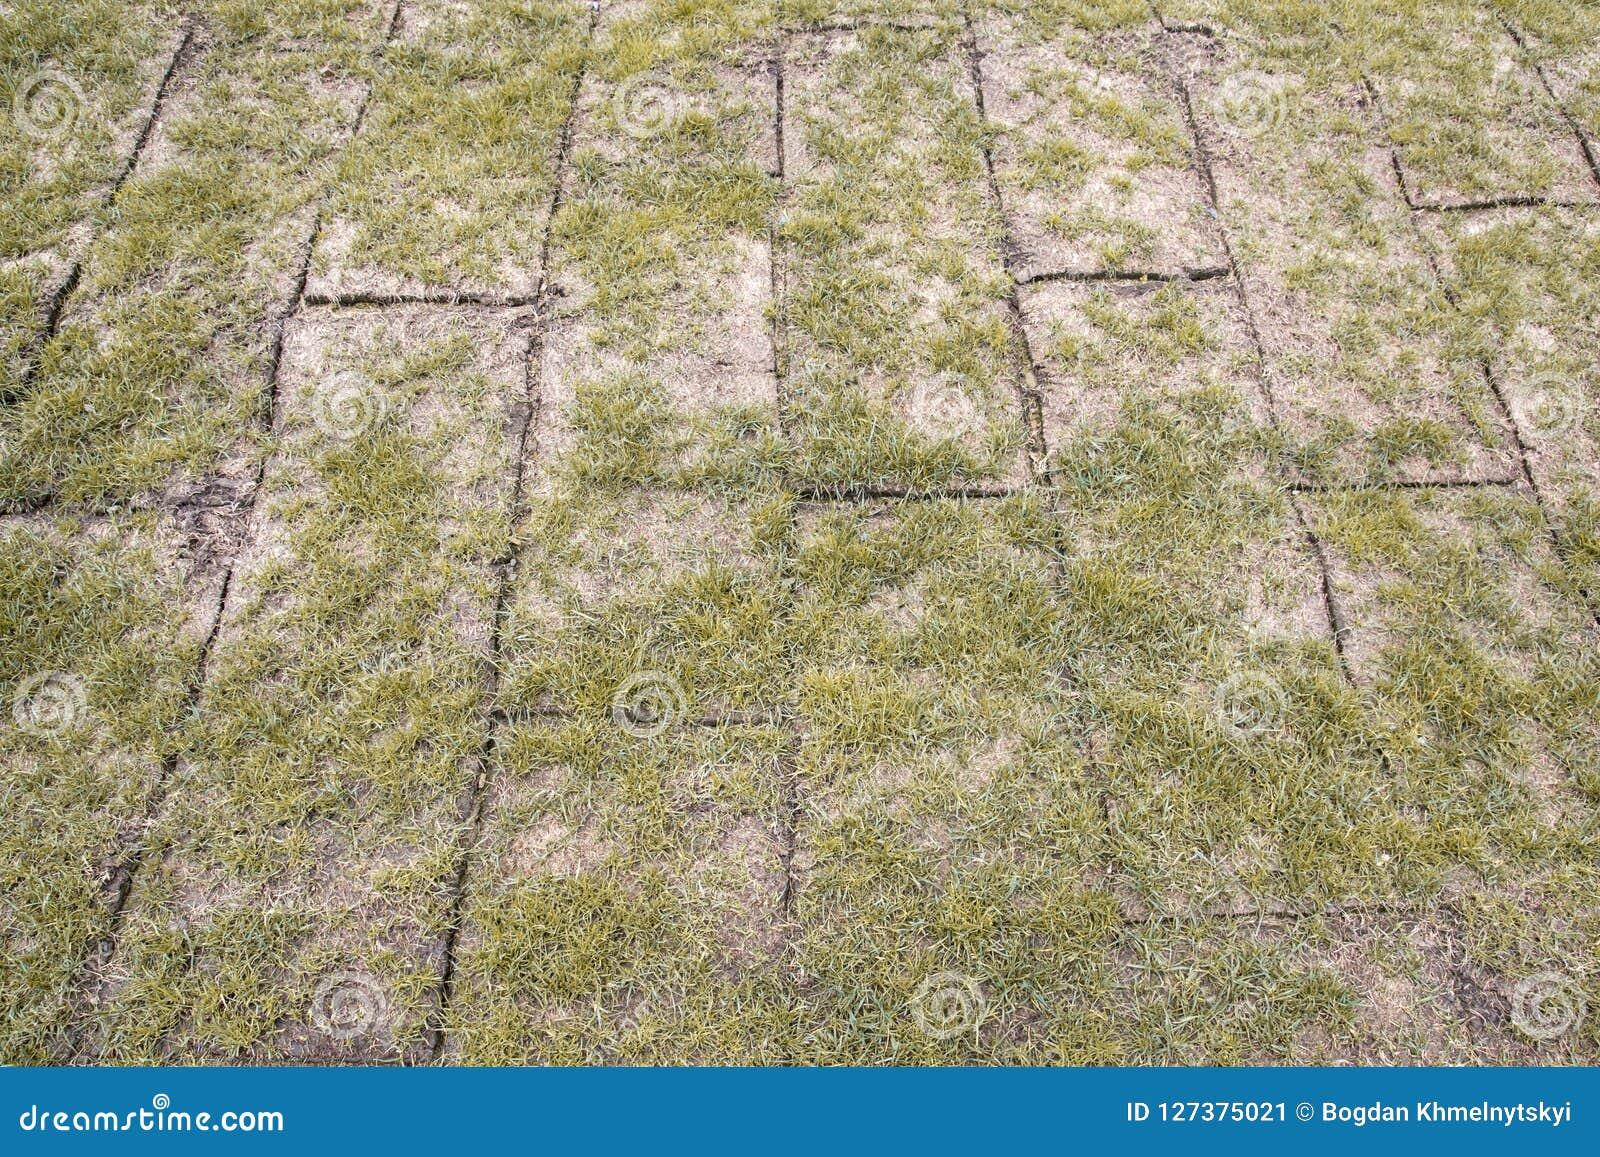 Uppvecklat land rullar med gult höstgräs, gräs är mycket dåligt